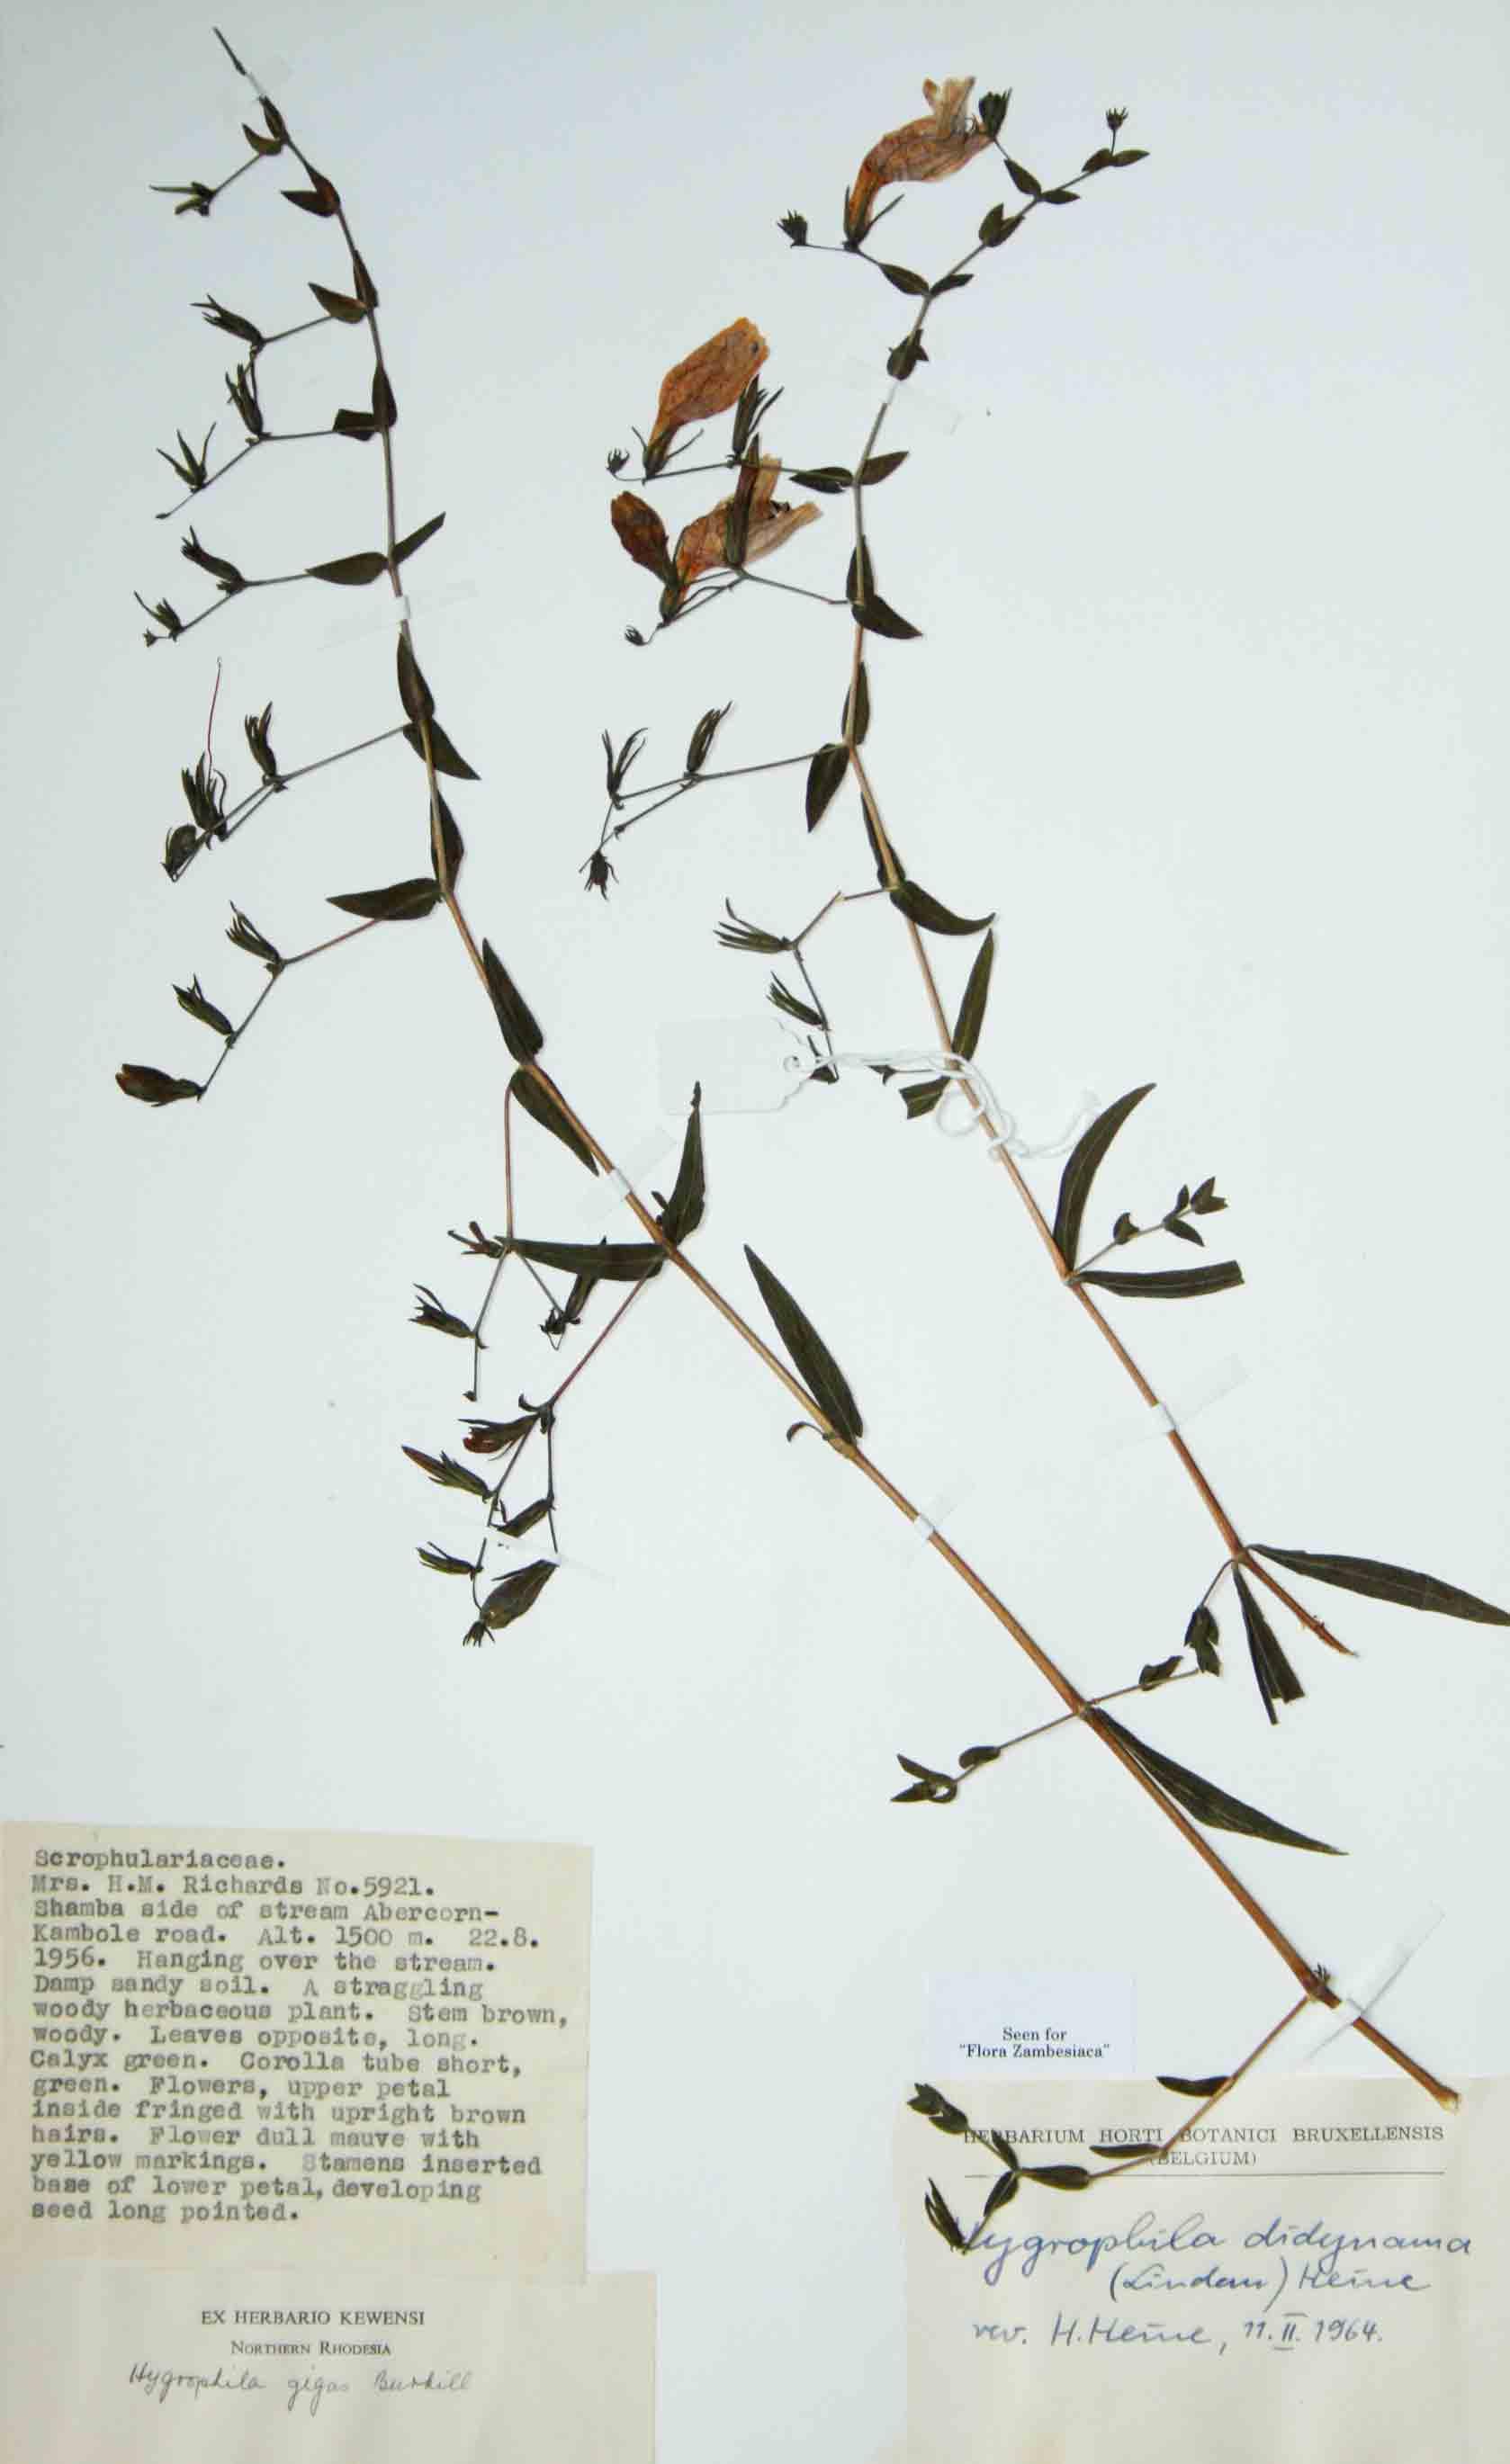 Hygrophila didynama